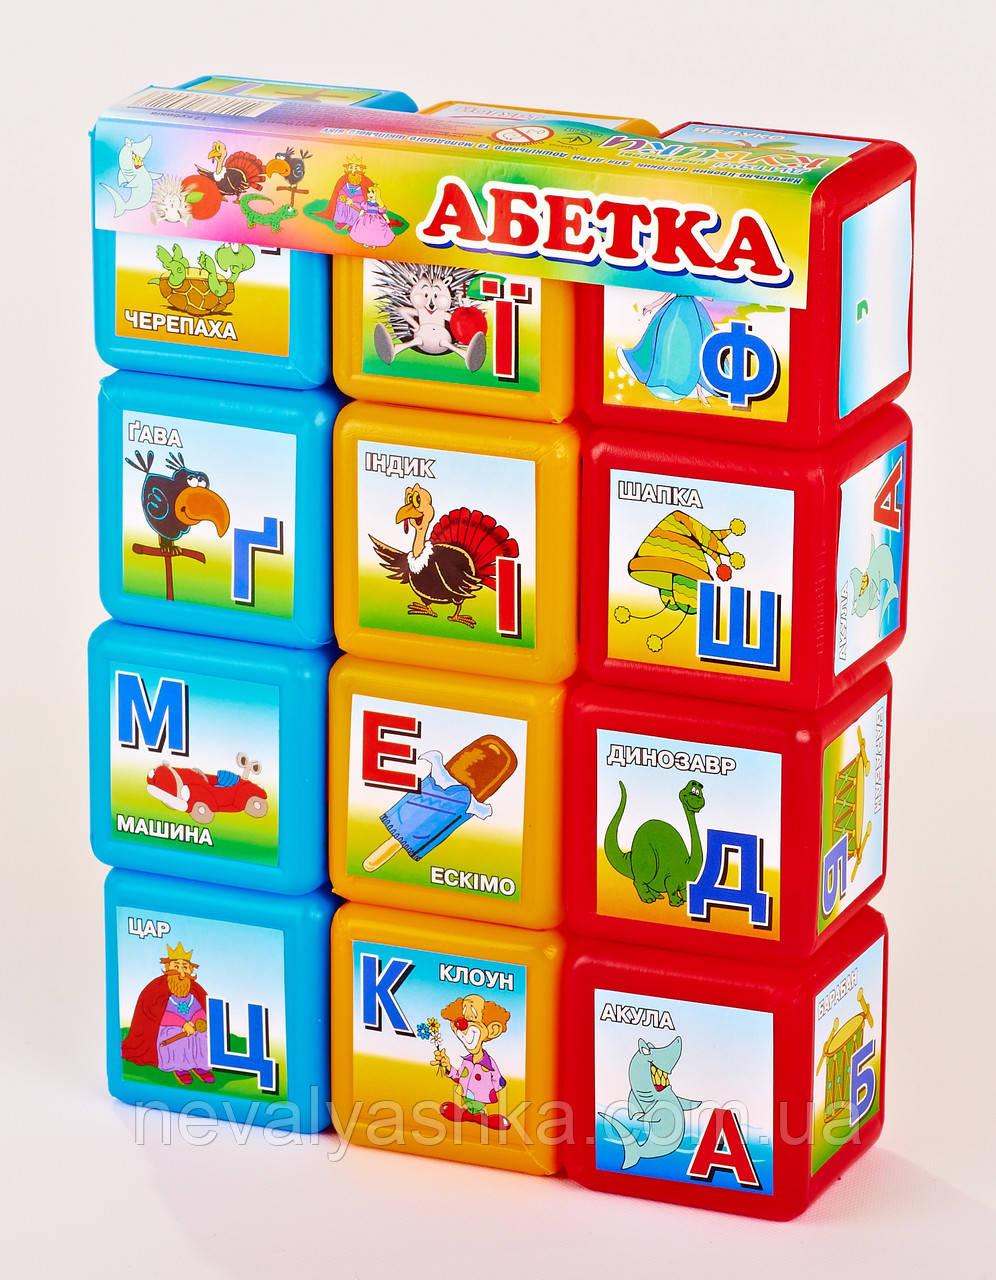 Обучающие Кубики Азбука Русский Алфавит 12 шт по 6 см Абетка Руска Пластик МТойс, 06032, 000215